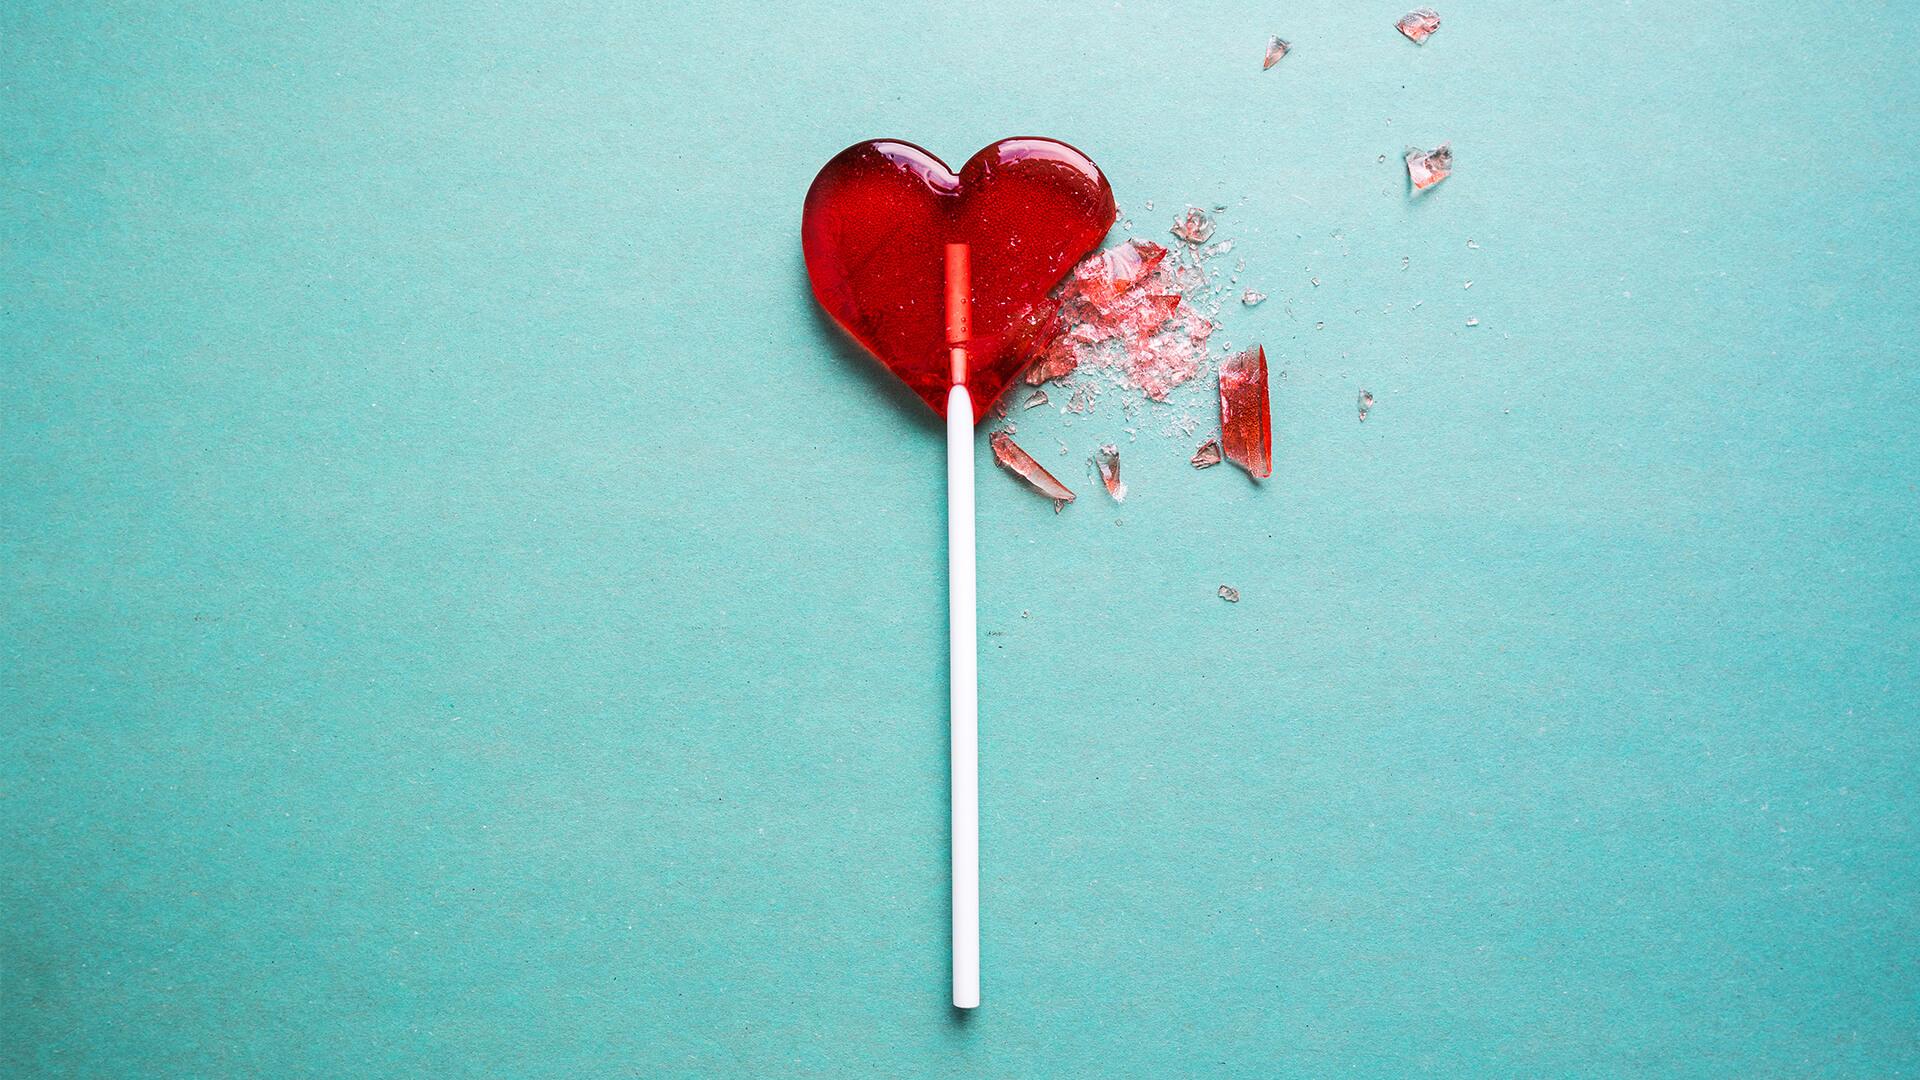 Broken heart-shaped lollipop on a blue background